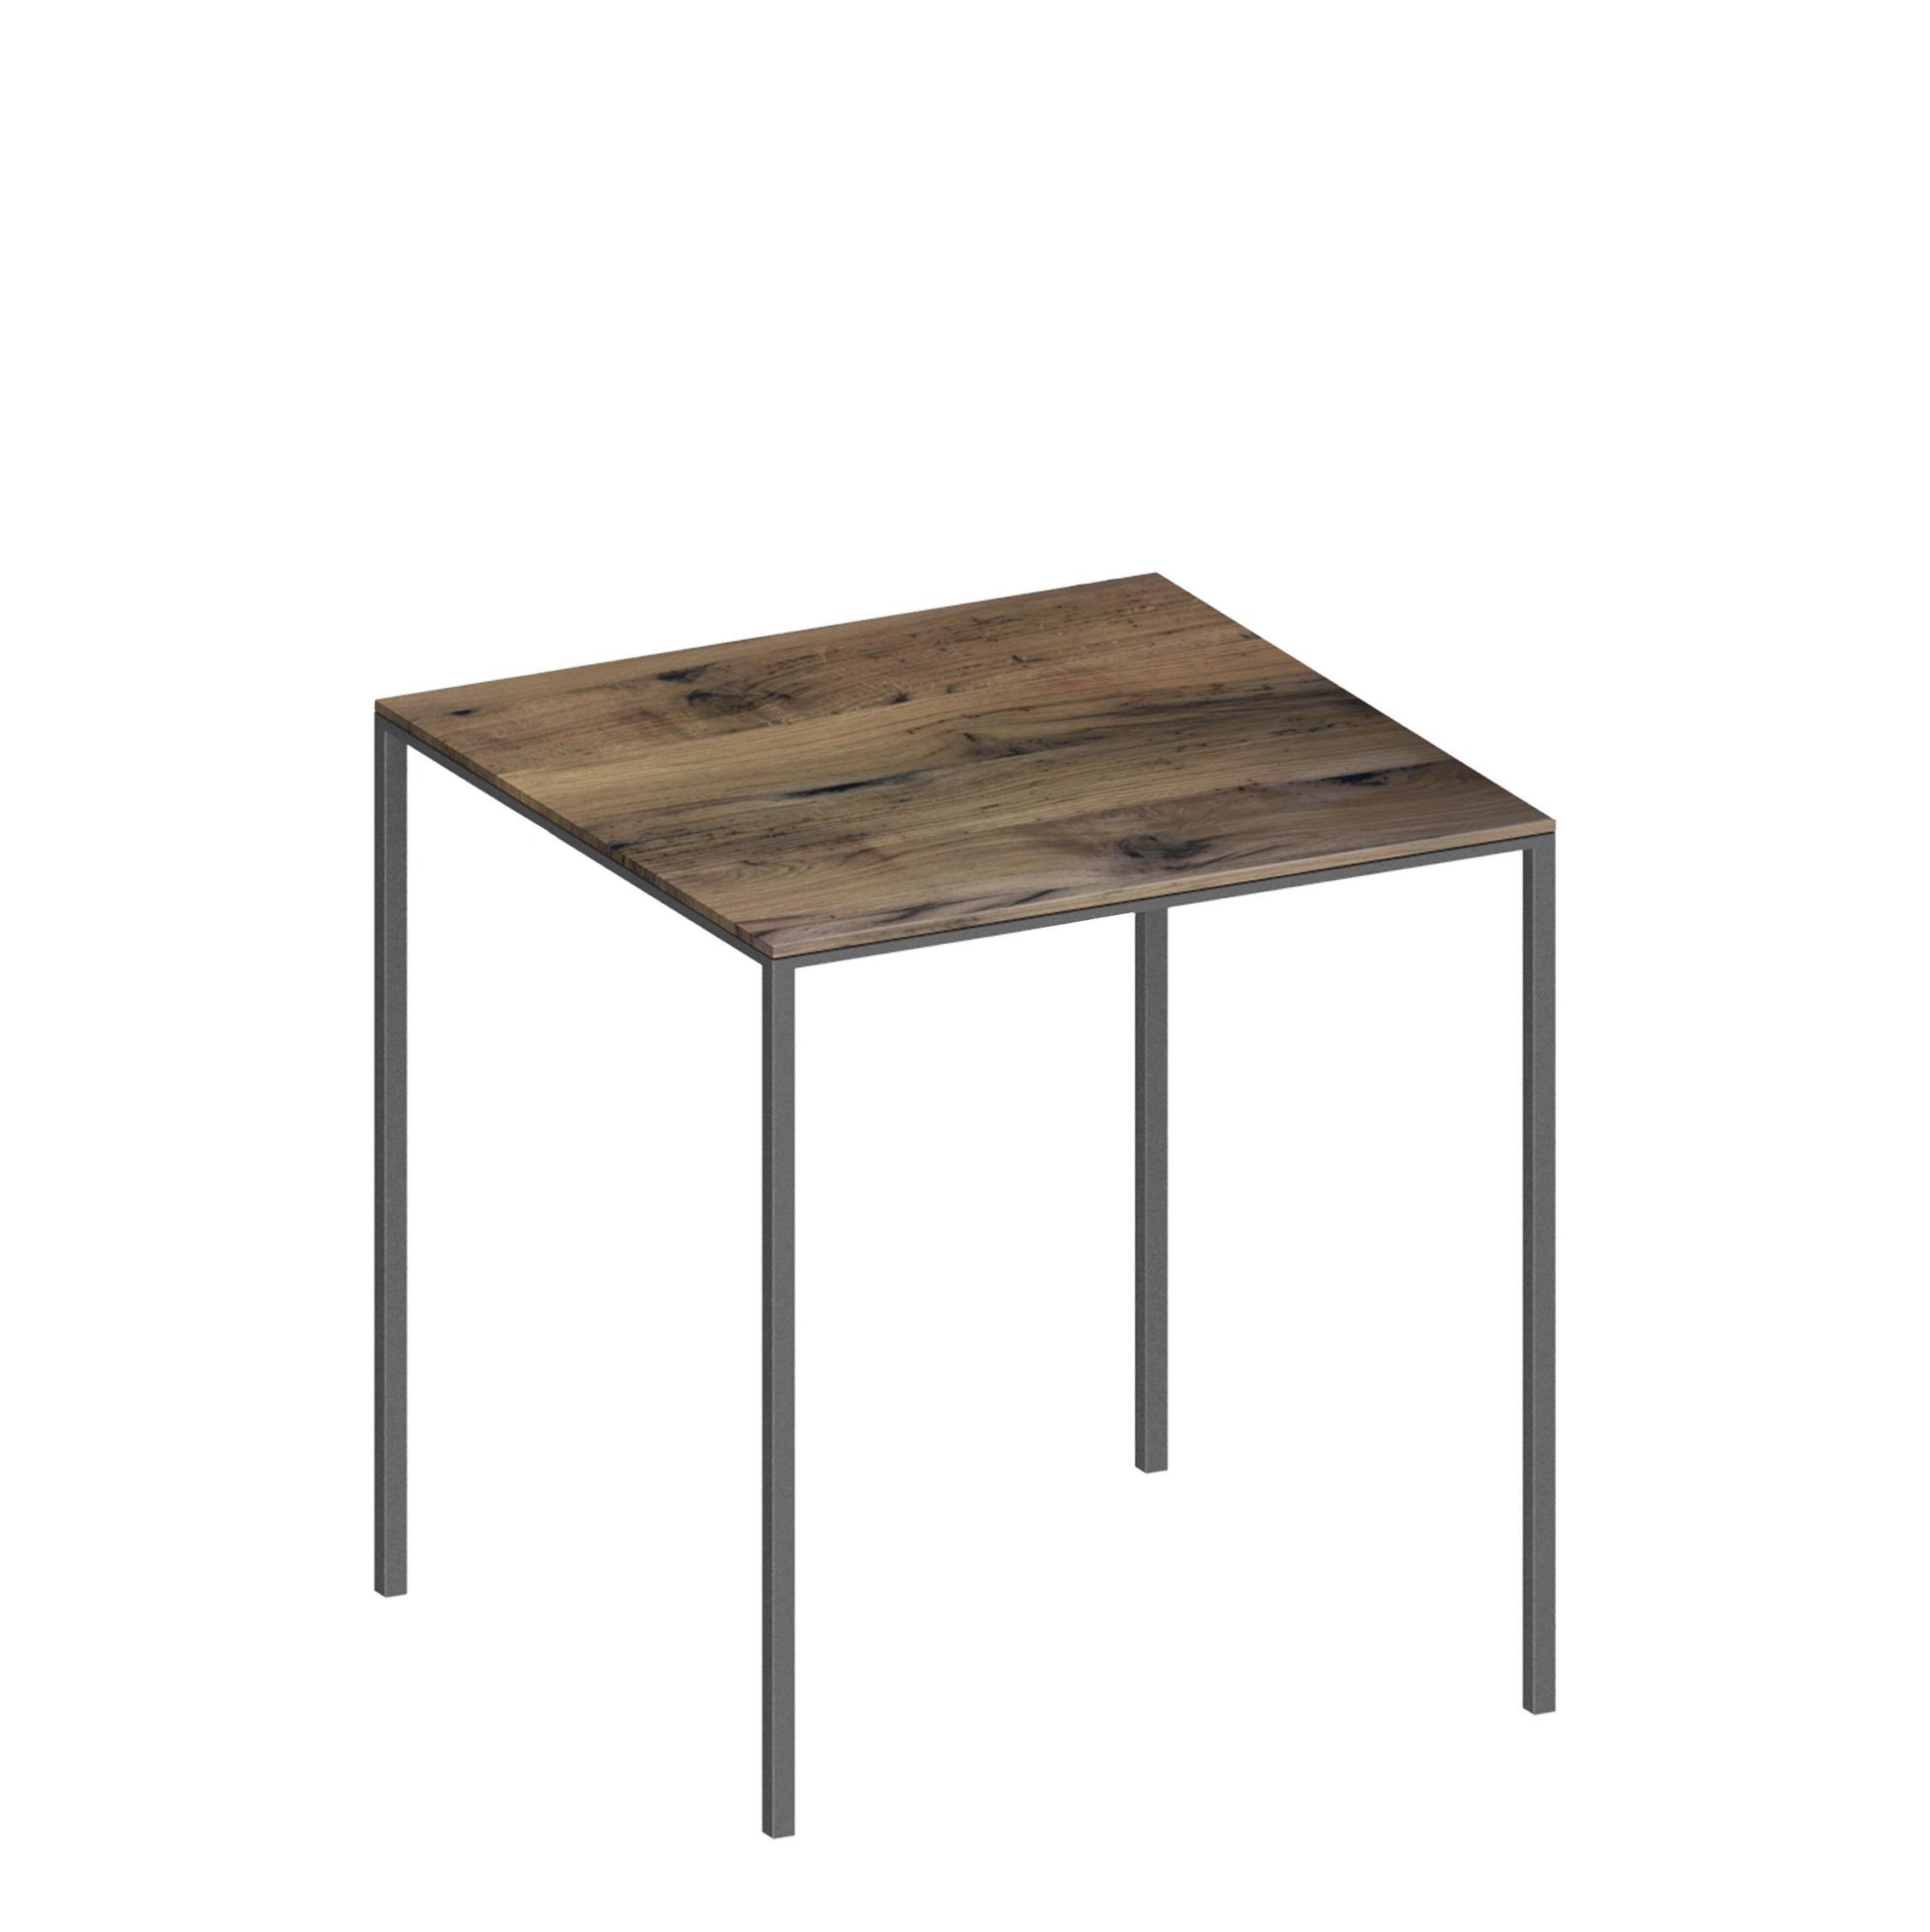 Mobilier - Tables - Table Mini Tavolo / Bois - 99 x 99 cm - Zeus - Gris / Rouvre massif - Acier peint époxy, Bois de rouvre massif